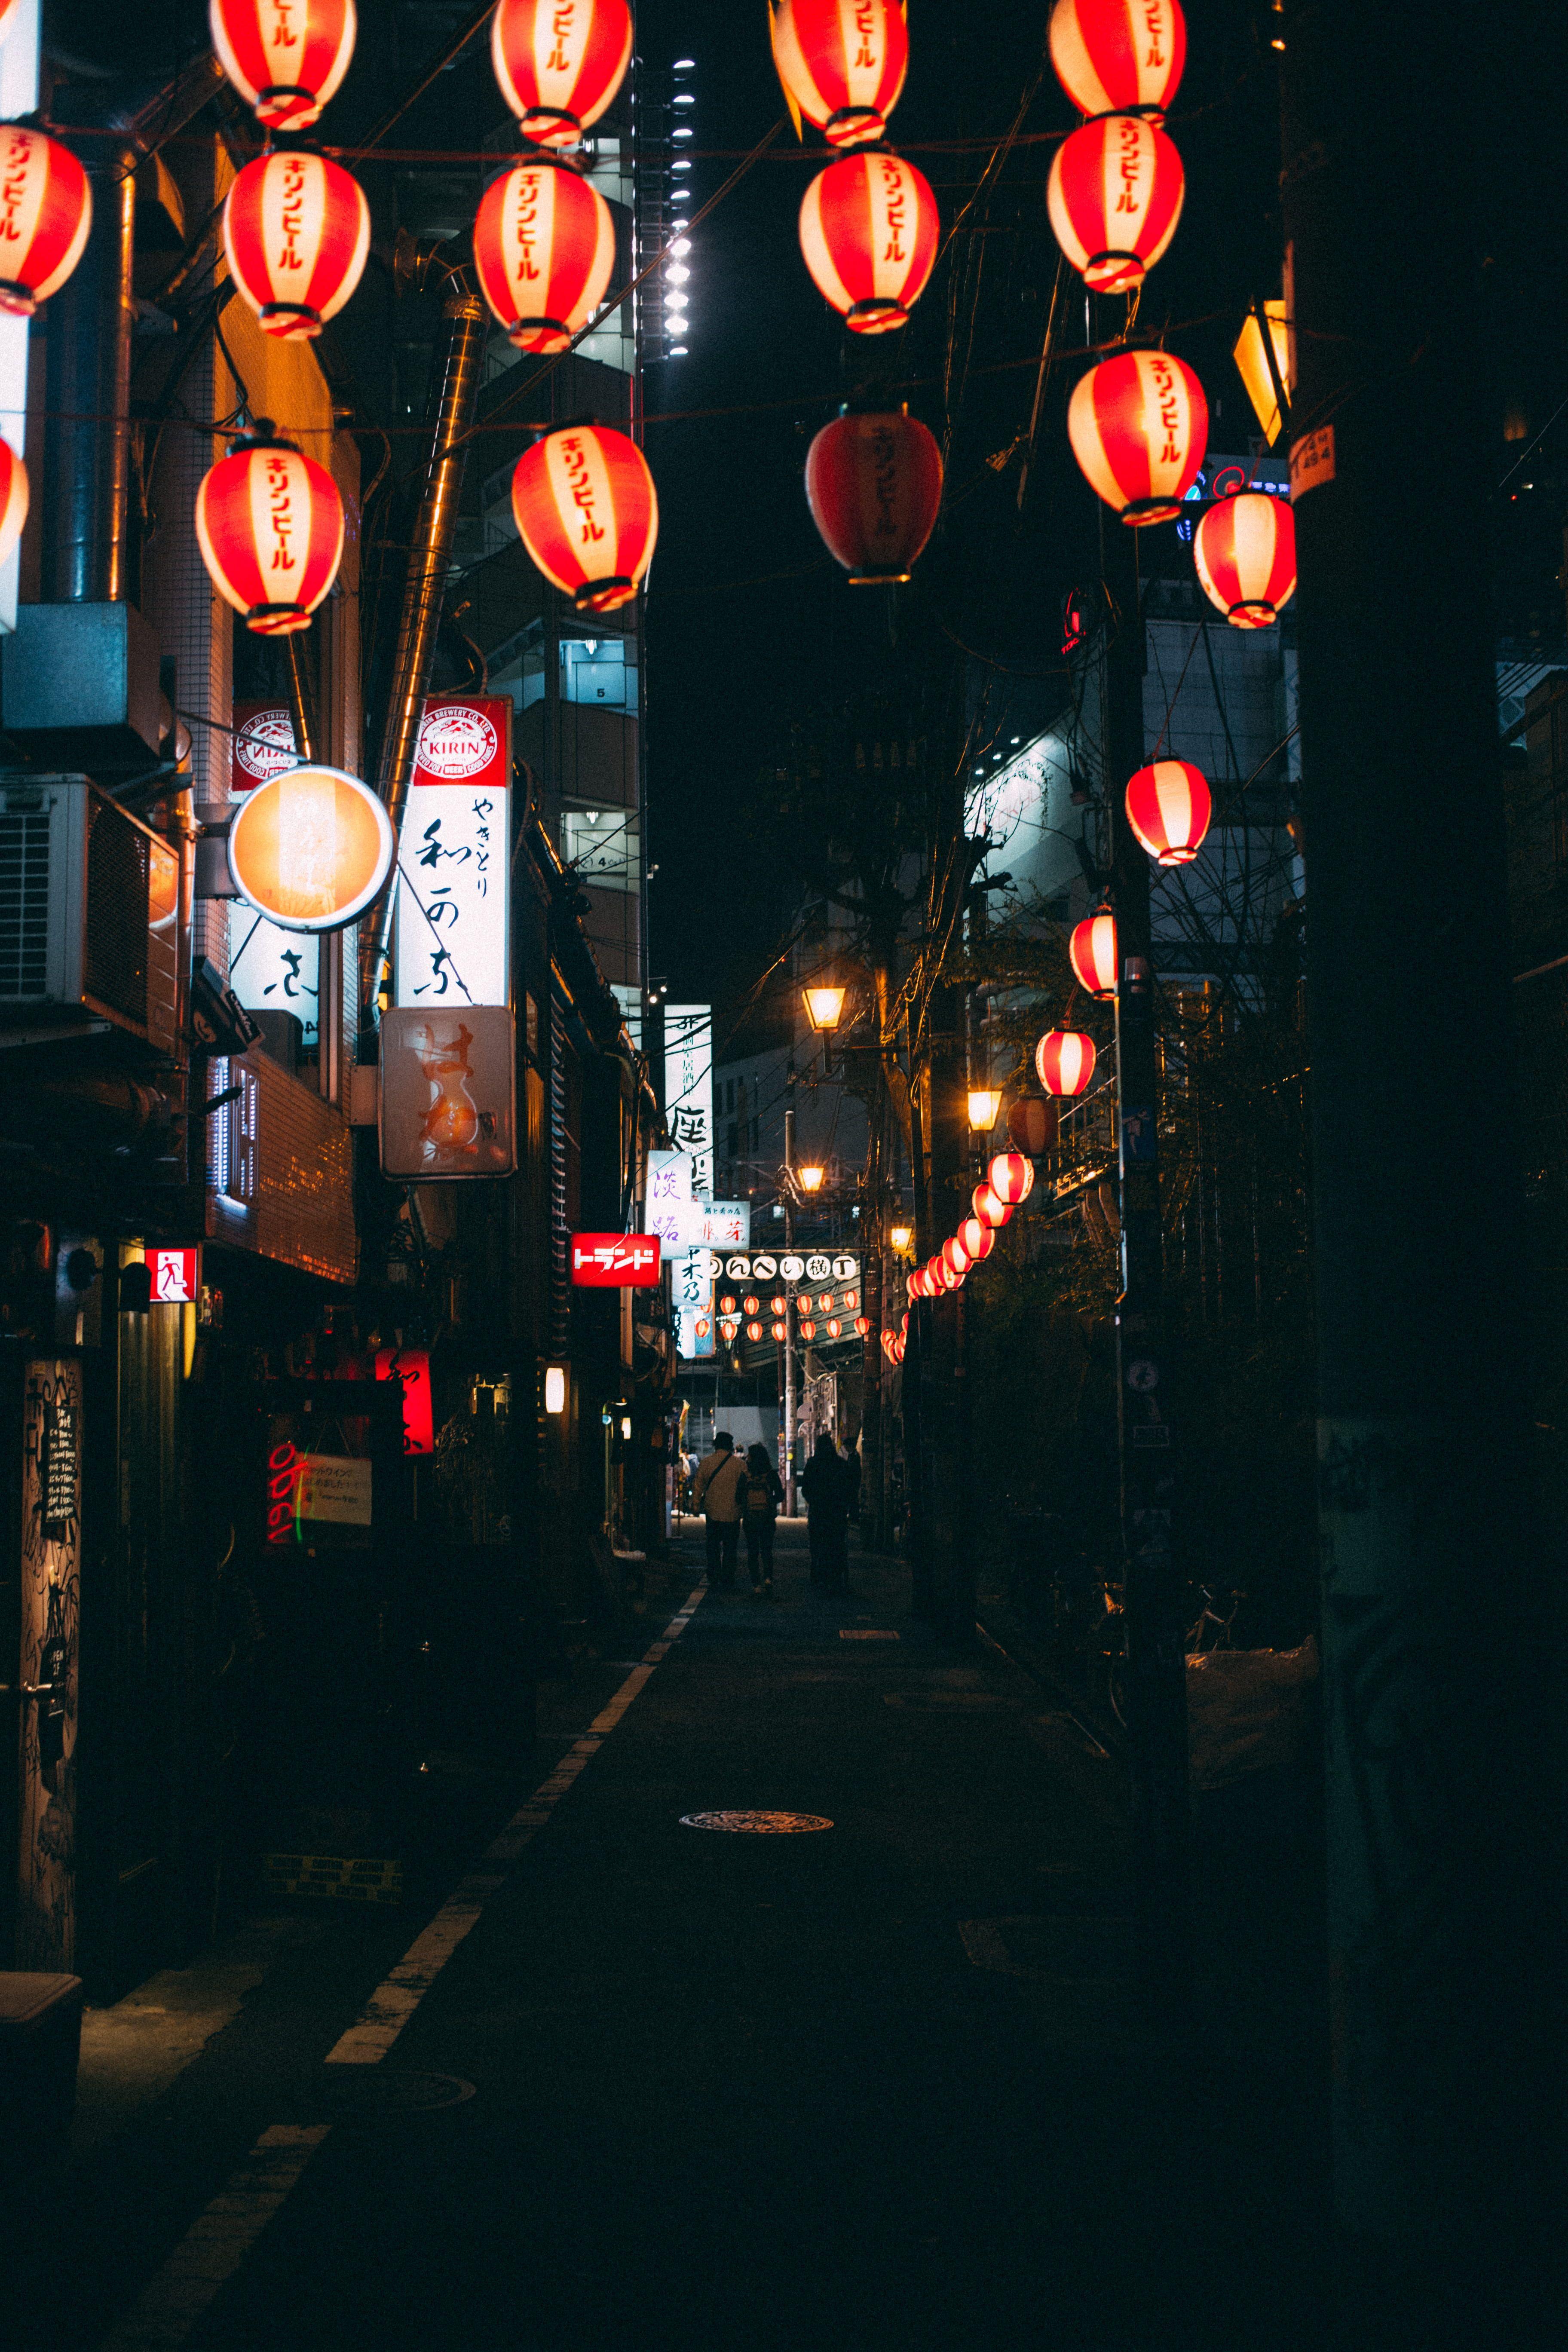 japan tokyo japanese lights nightlife shibuya 5K